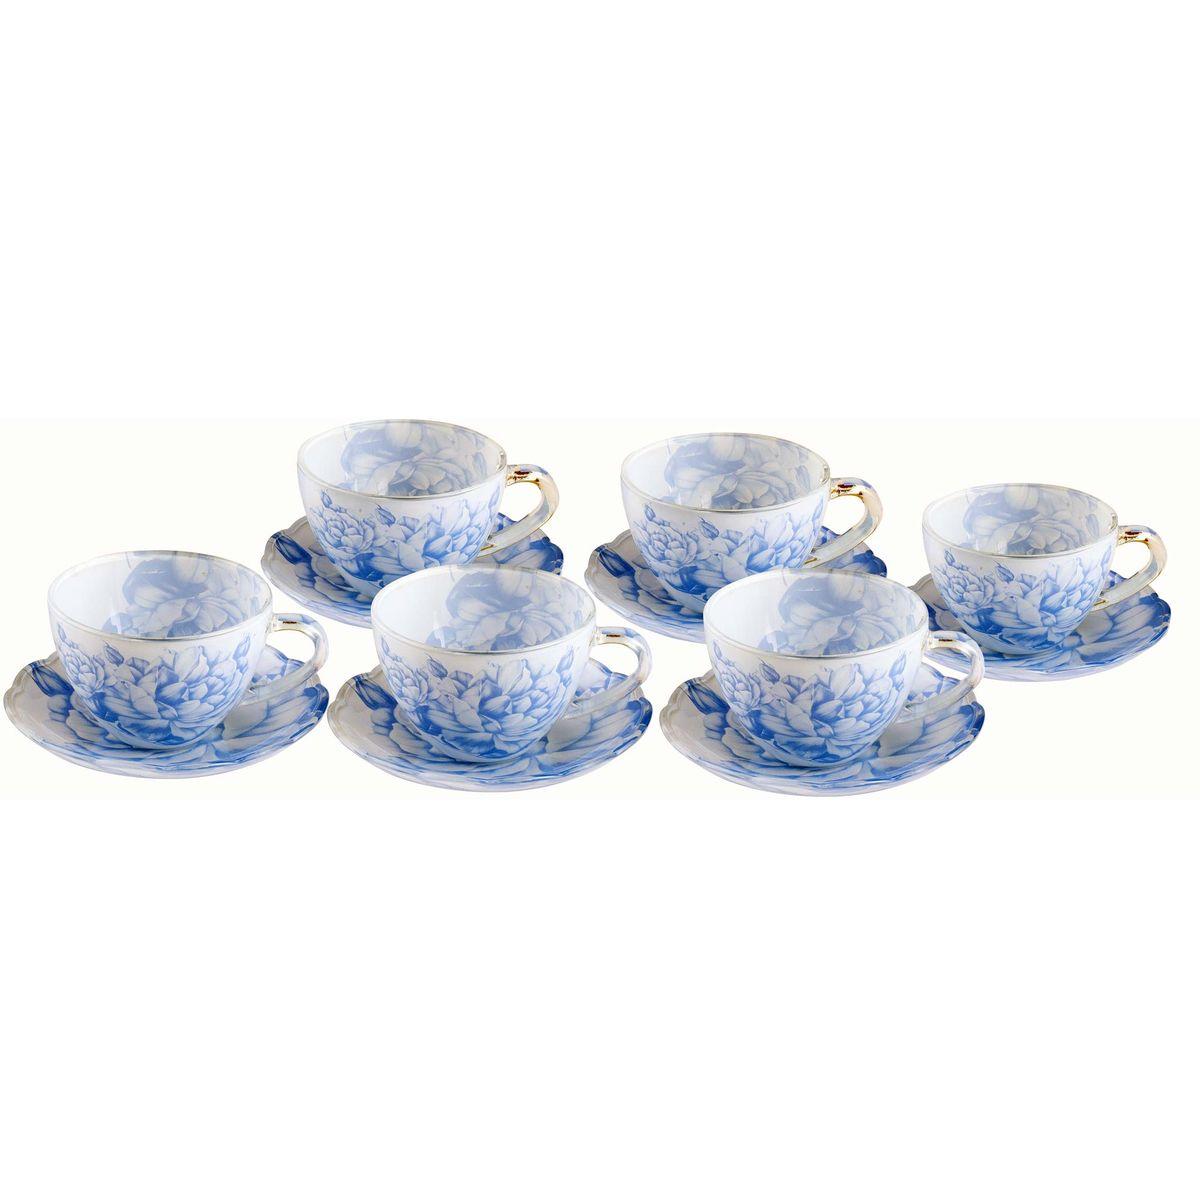 Набор чайный BK-5854 12прVT-1520(SR)12пр.: чашка - 6шт. (200мл), блюдце - 6шт. (13,5см). Подарочнаяупаковка. Состав: стекло.